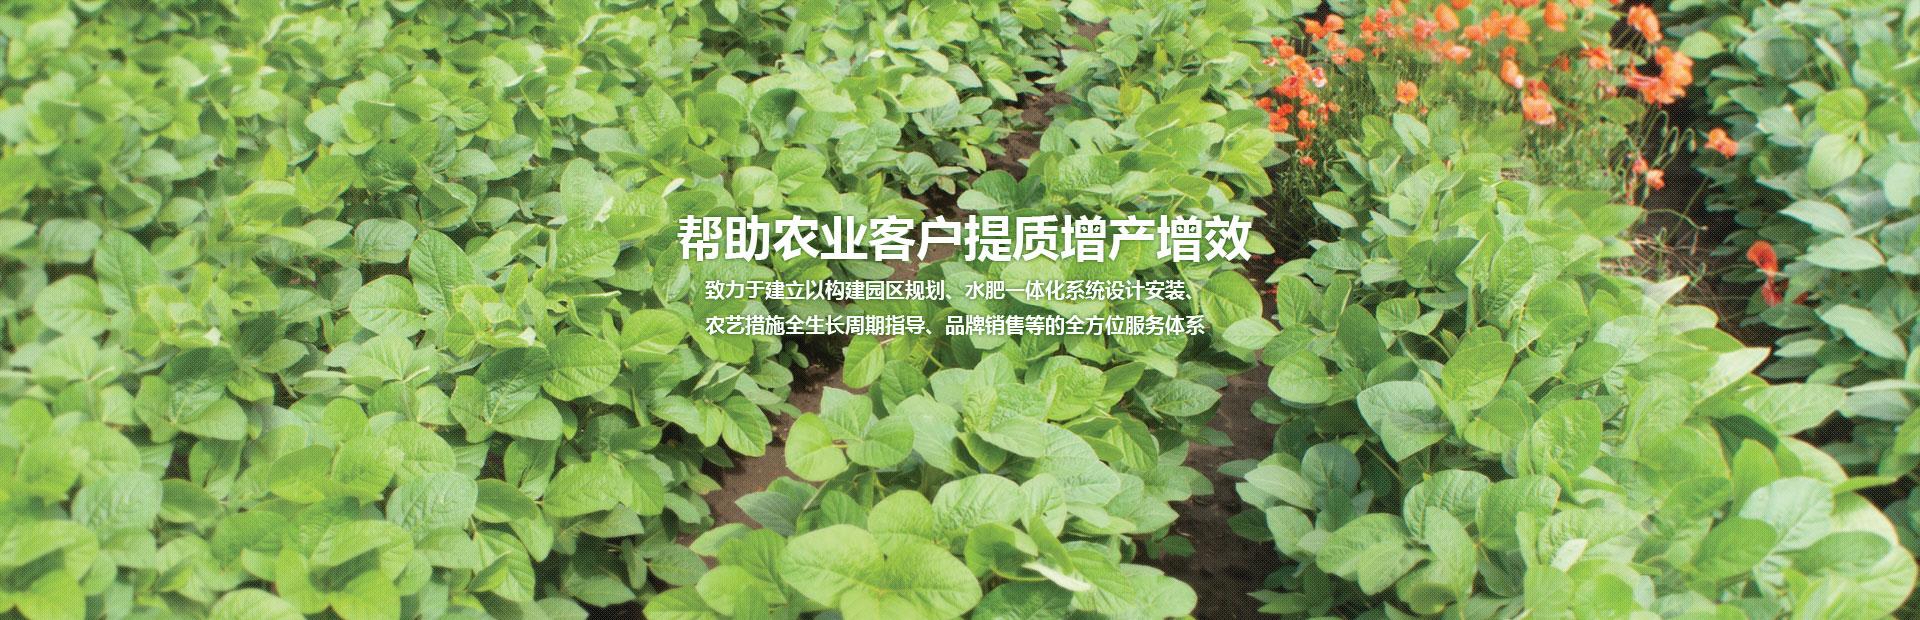 广西灌溉,南宁滴灌,广西农业灌溉,广西喷灌